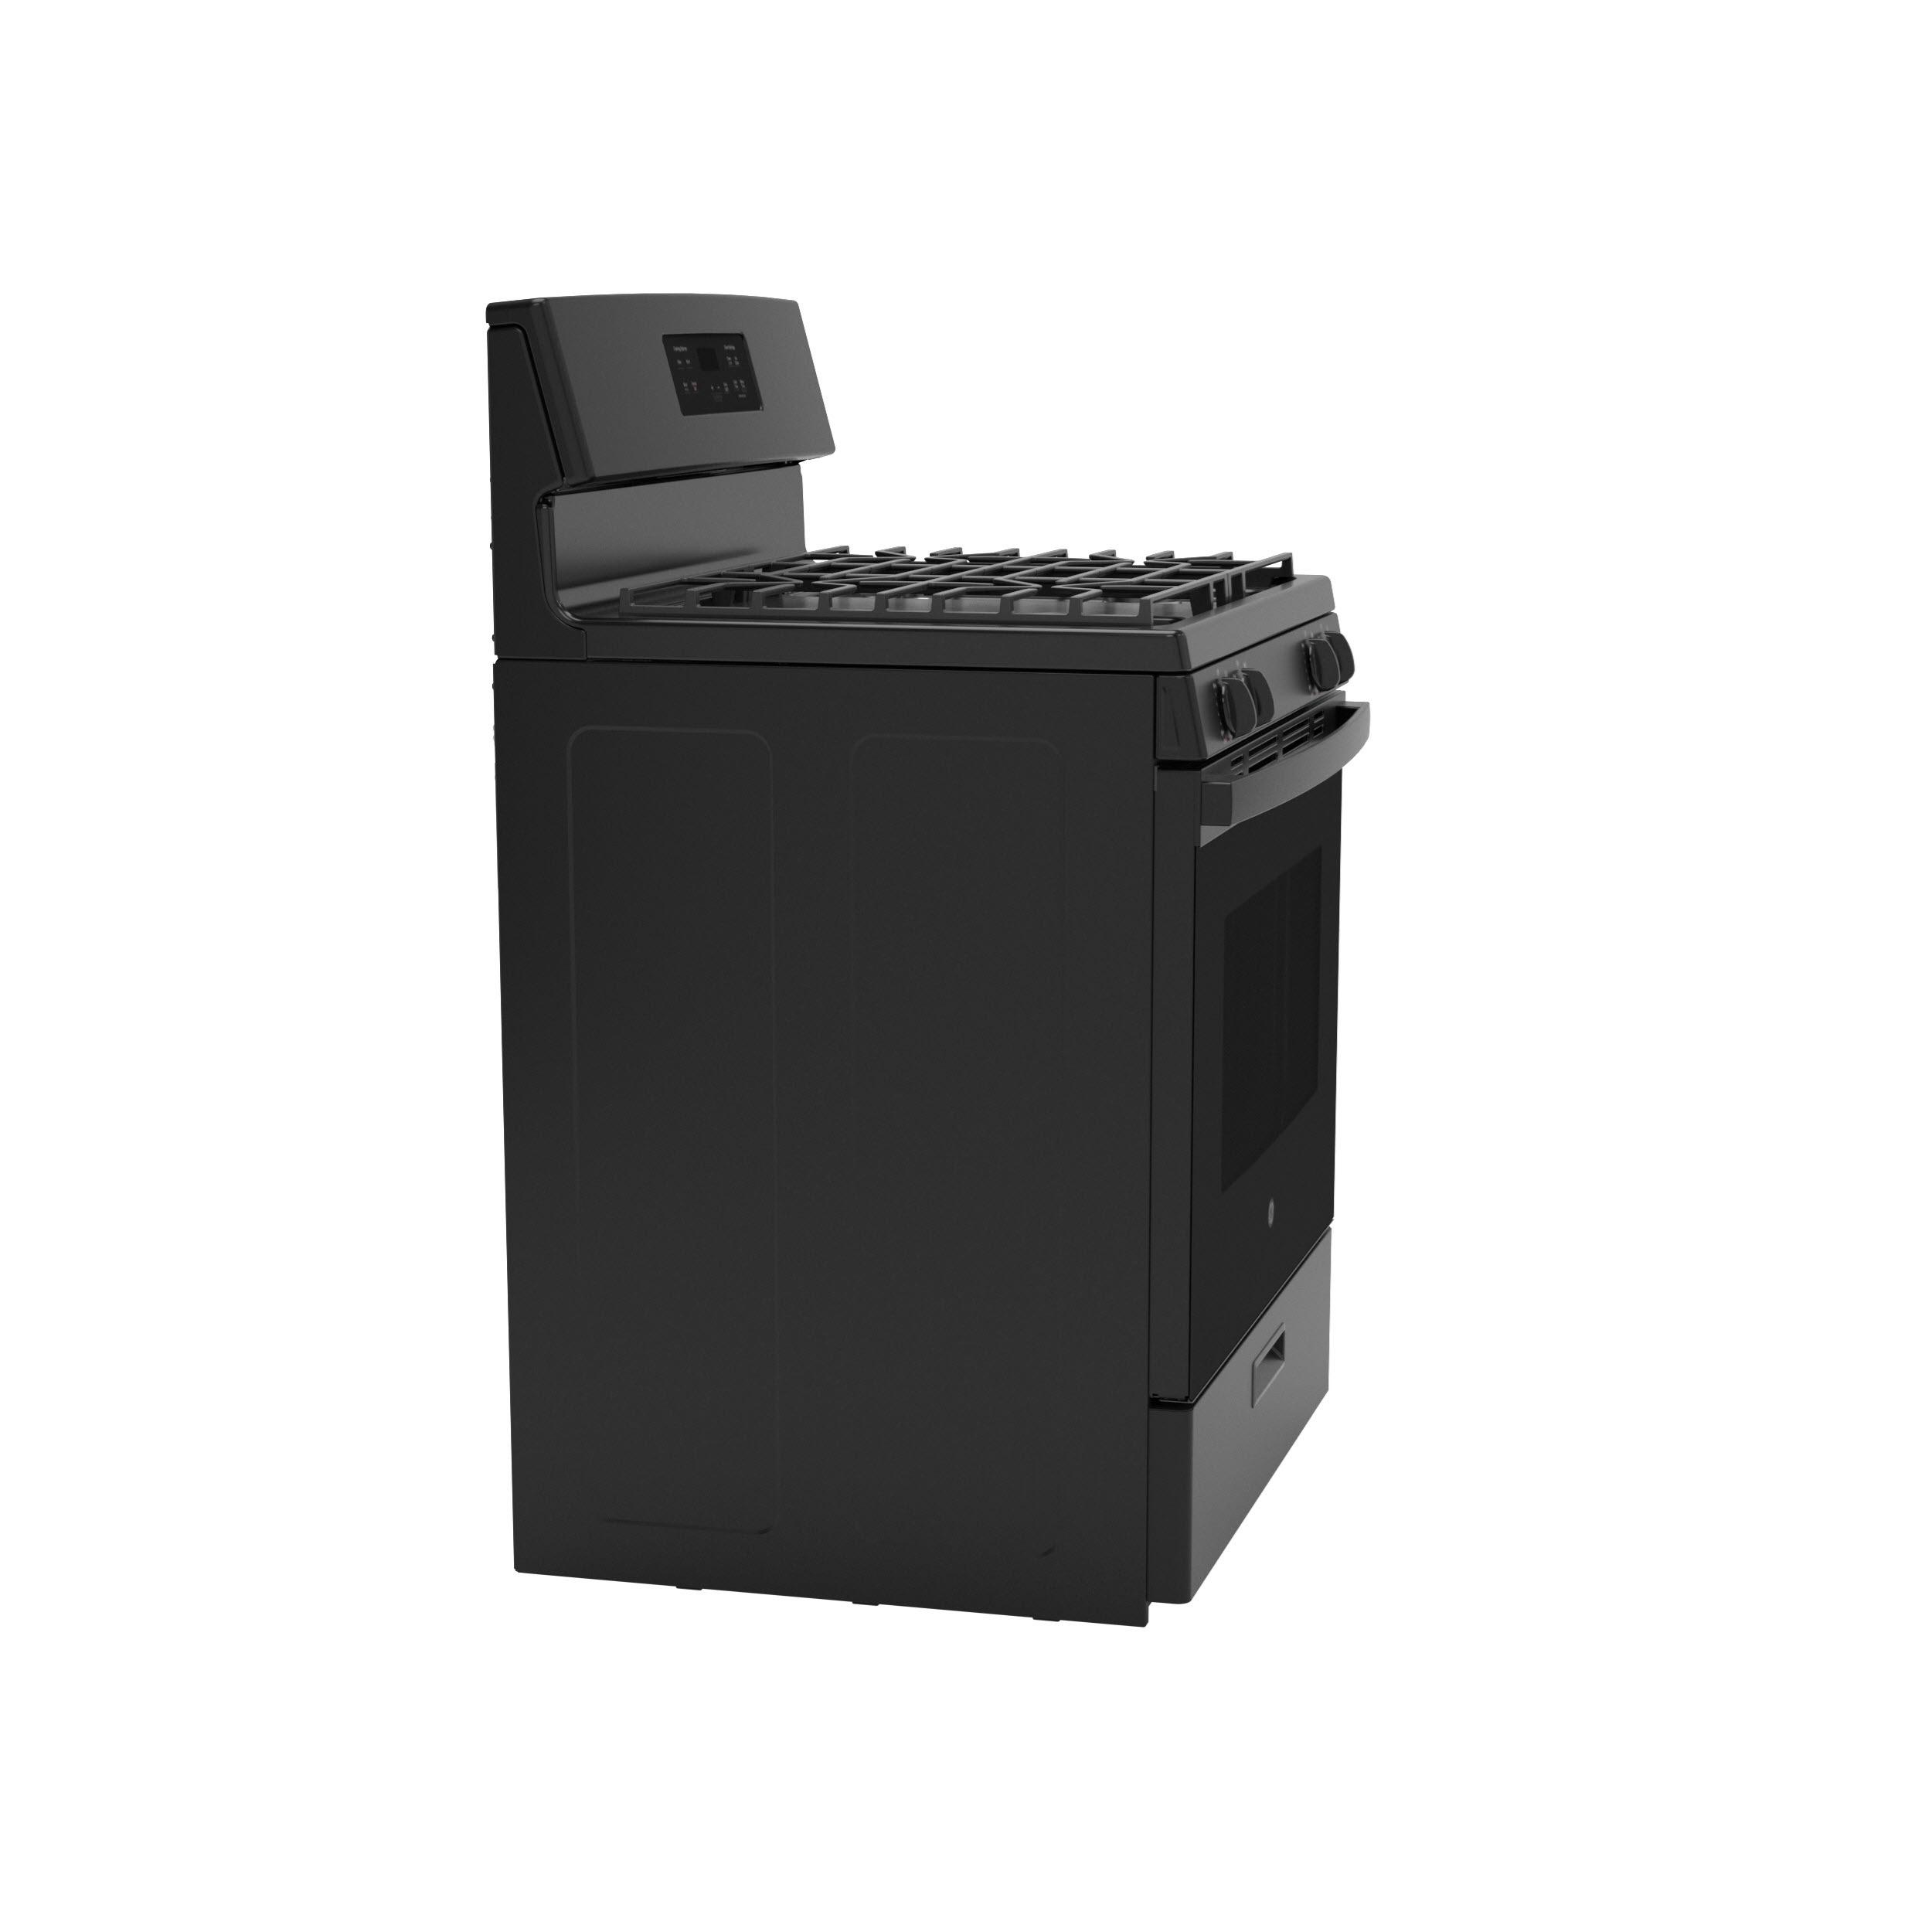 """Model: JGBS61DPBB   GE GE® 30"""" Free-Standing Gas Range"""